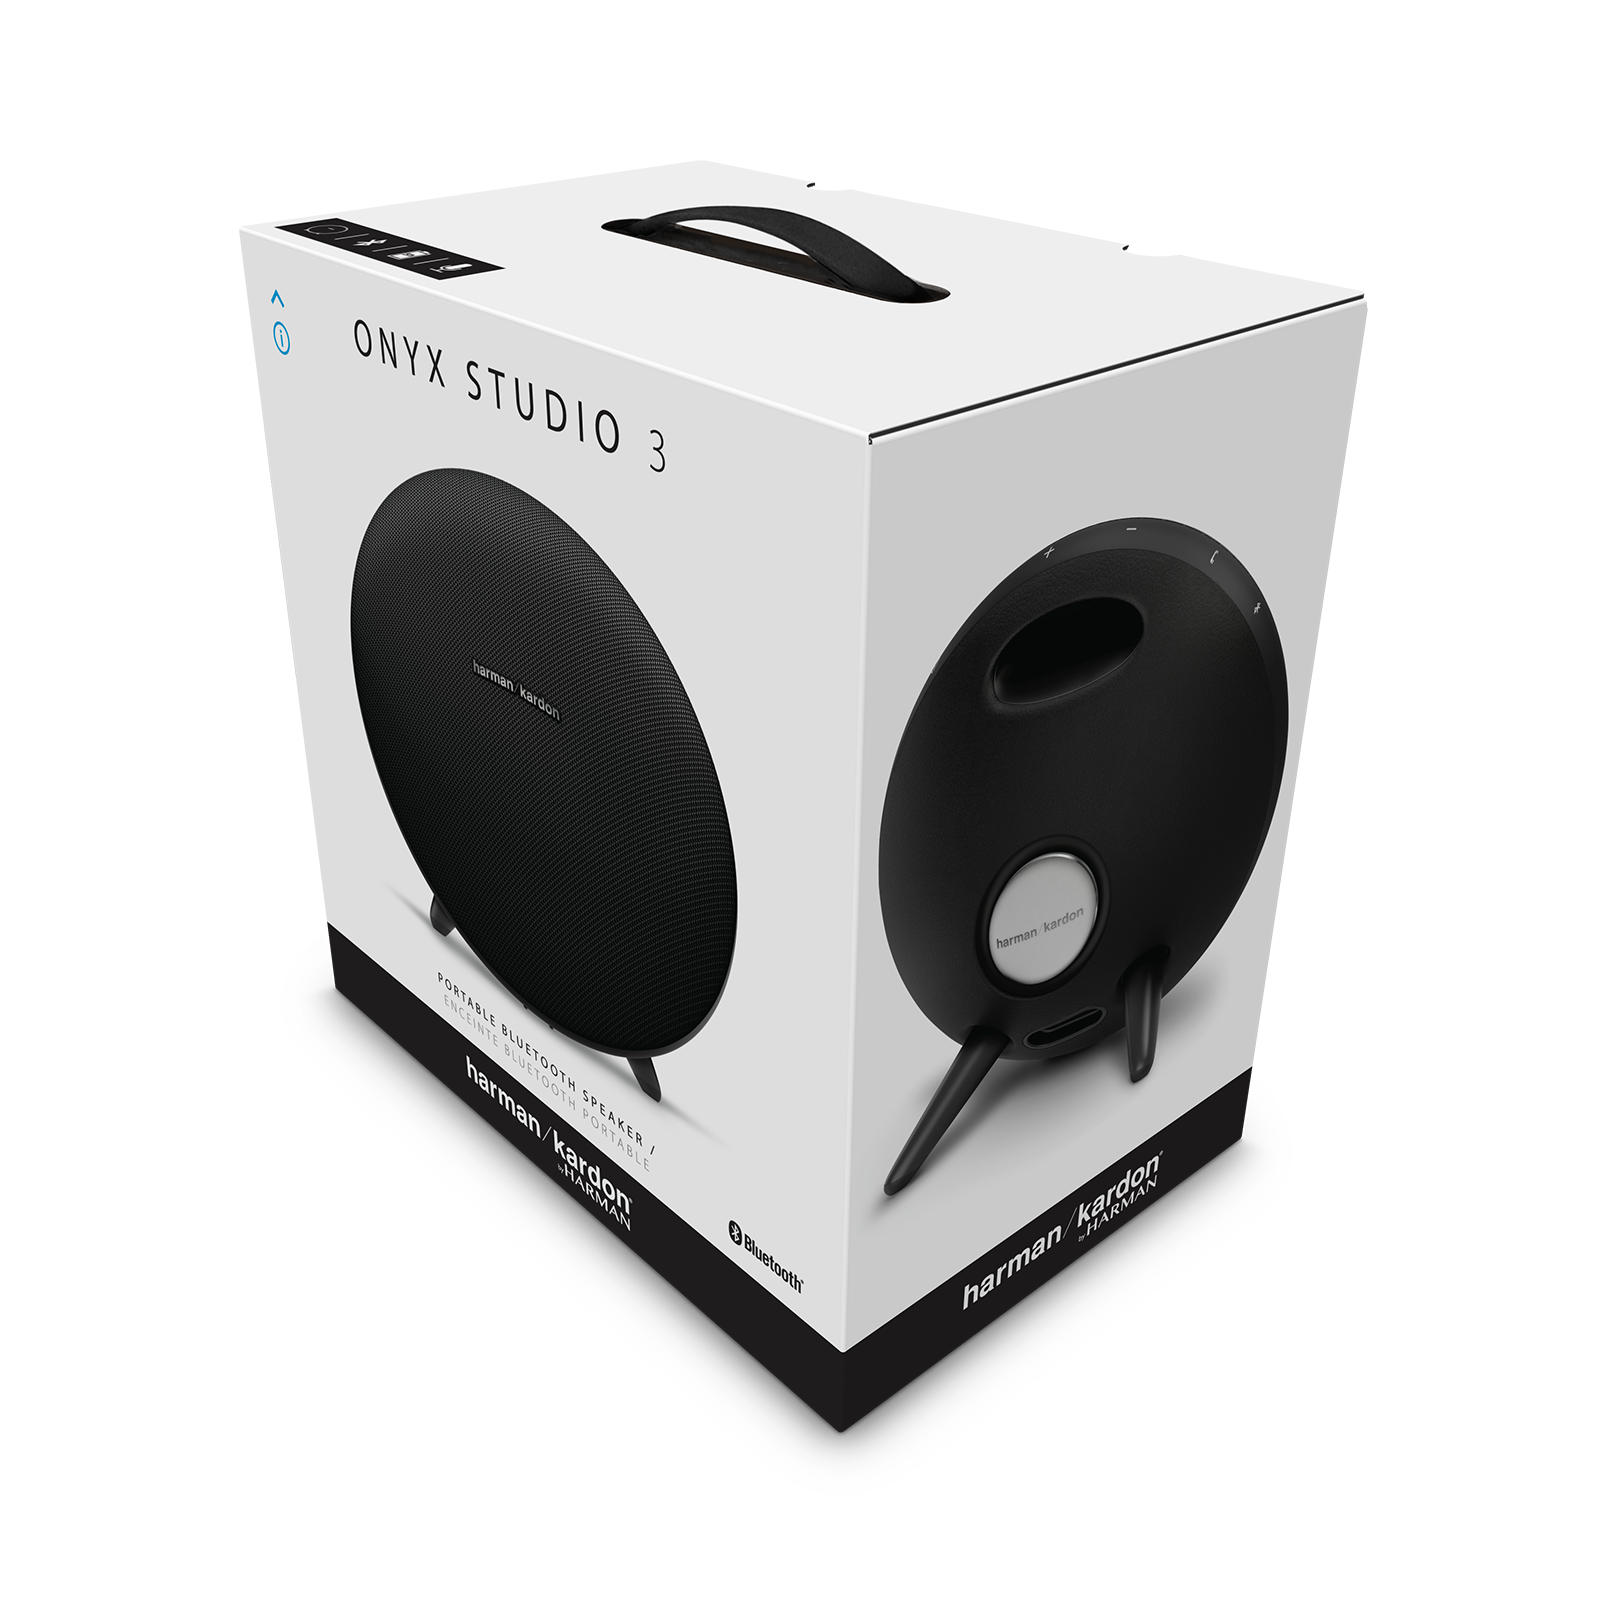 [trungnam Co.,ltd] Phân phối dòng Loa Harman Kardon Onyx Studio 3 chính hãng. - 3